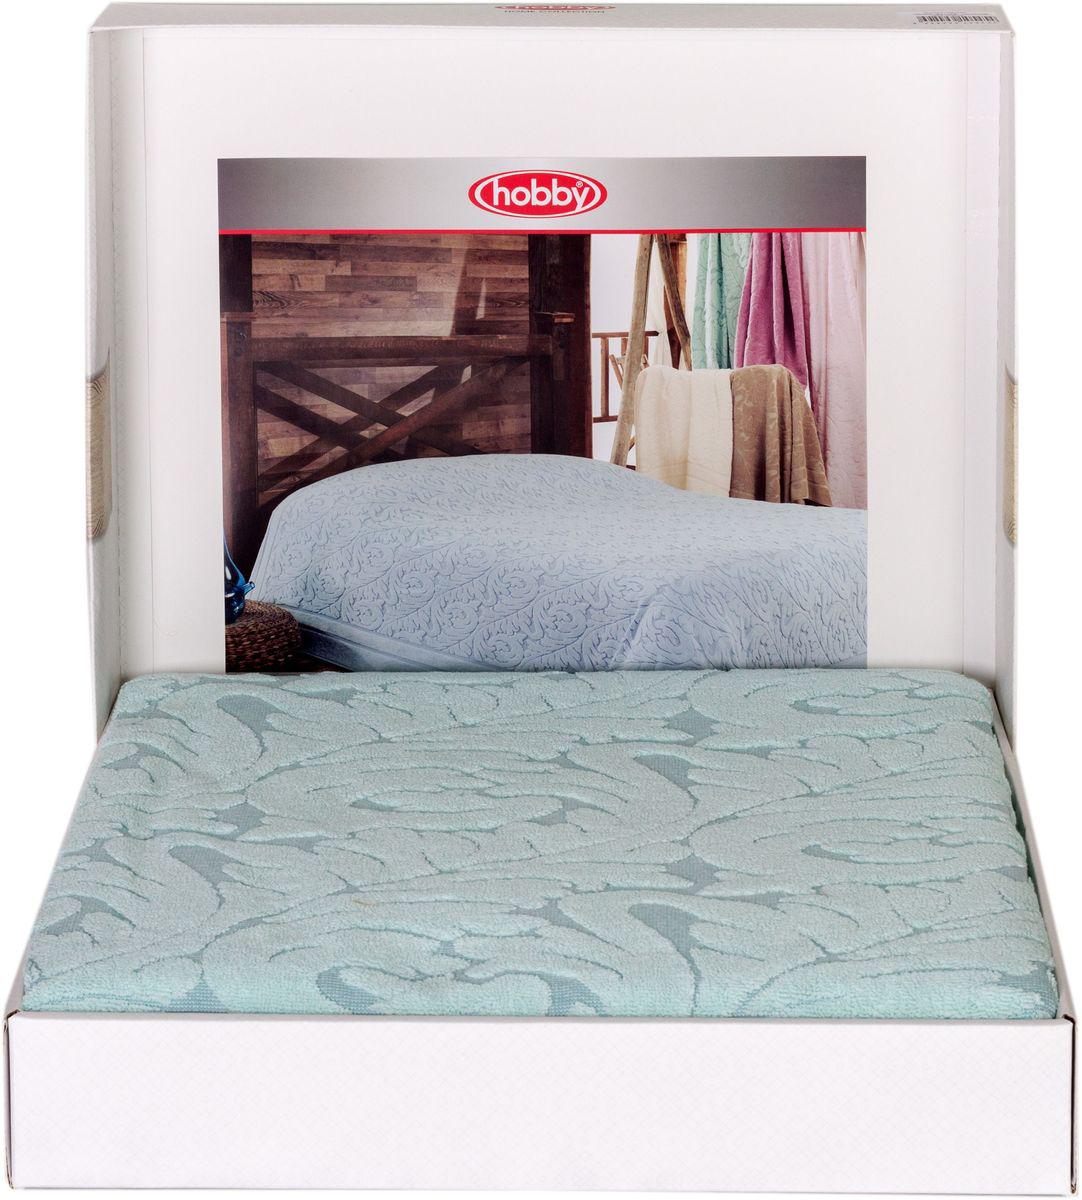 Покрывало Hobby Home Collection Sultan, цвет: ментоловый, 200 х 220 смCLP446Шикарное покрывало Hobby Home Collection Sultan изготовлено из 100% хлопка высшей категории. Оно обладает замечательными дышащими свойствами и будет хорошо смотреться как на диване, так и на большой кровати. Данное покрывало можно также использовать в качестве одеяла.